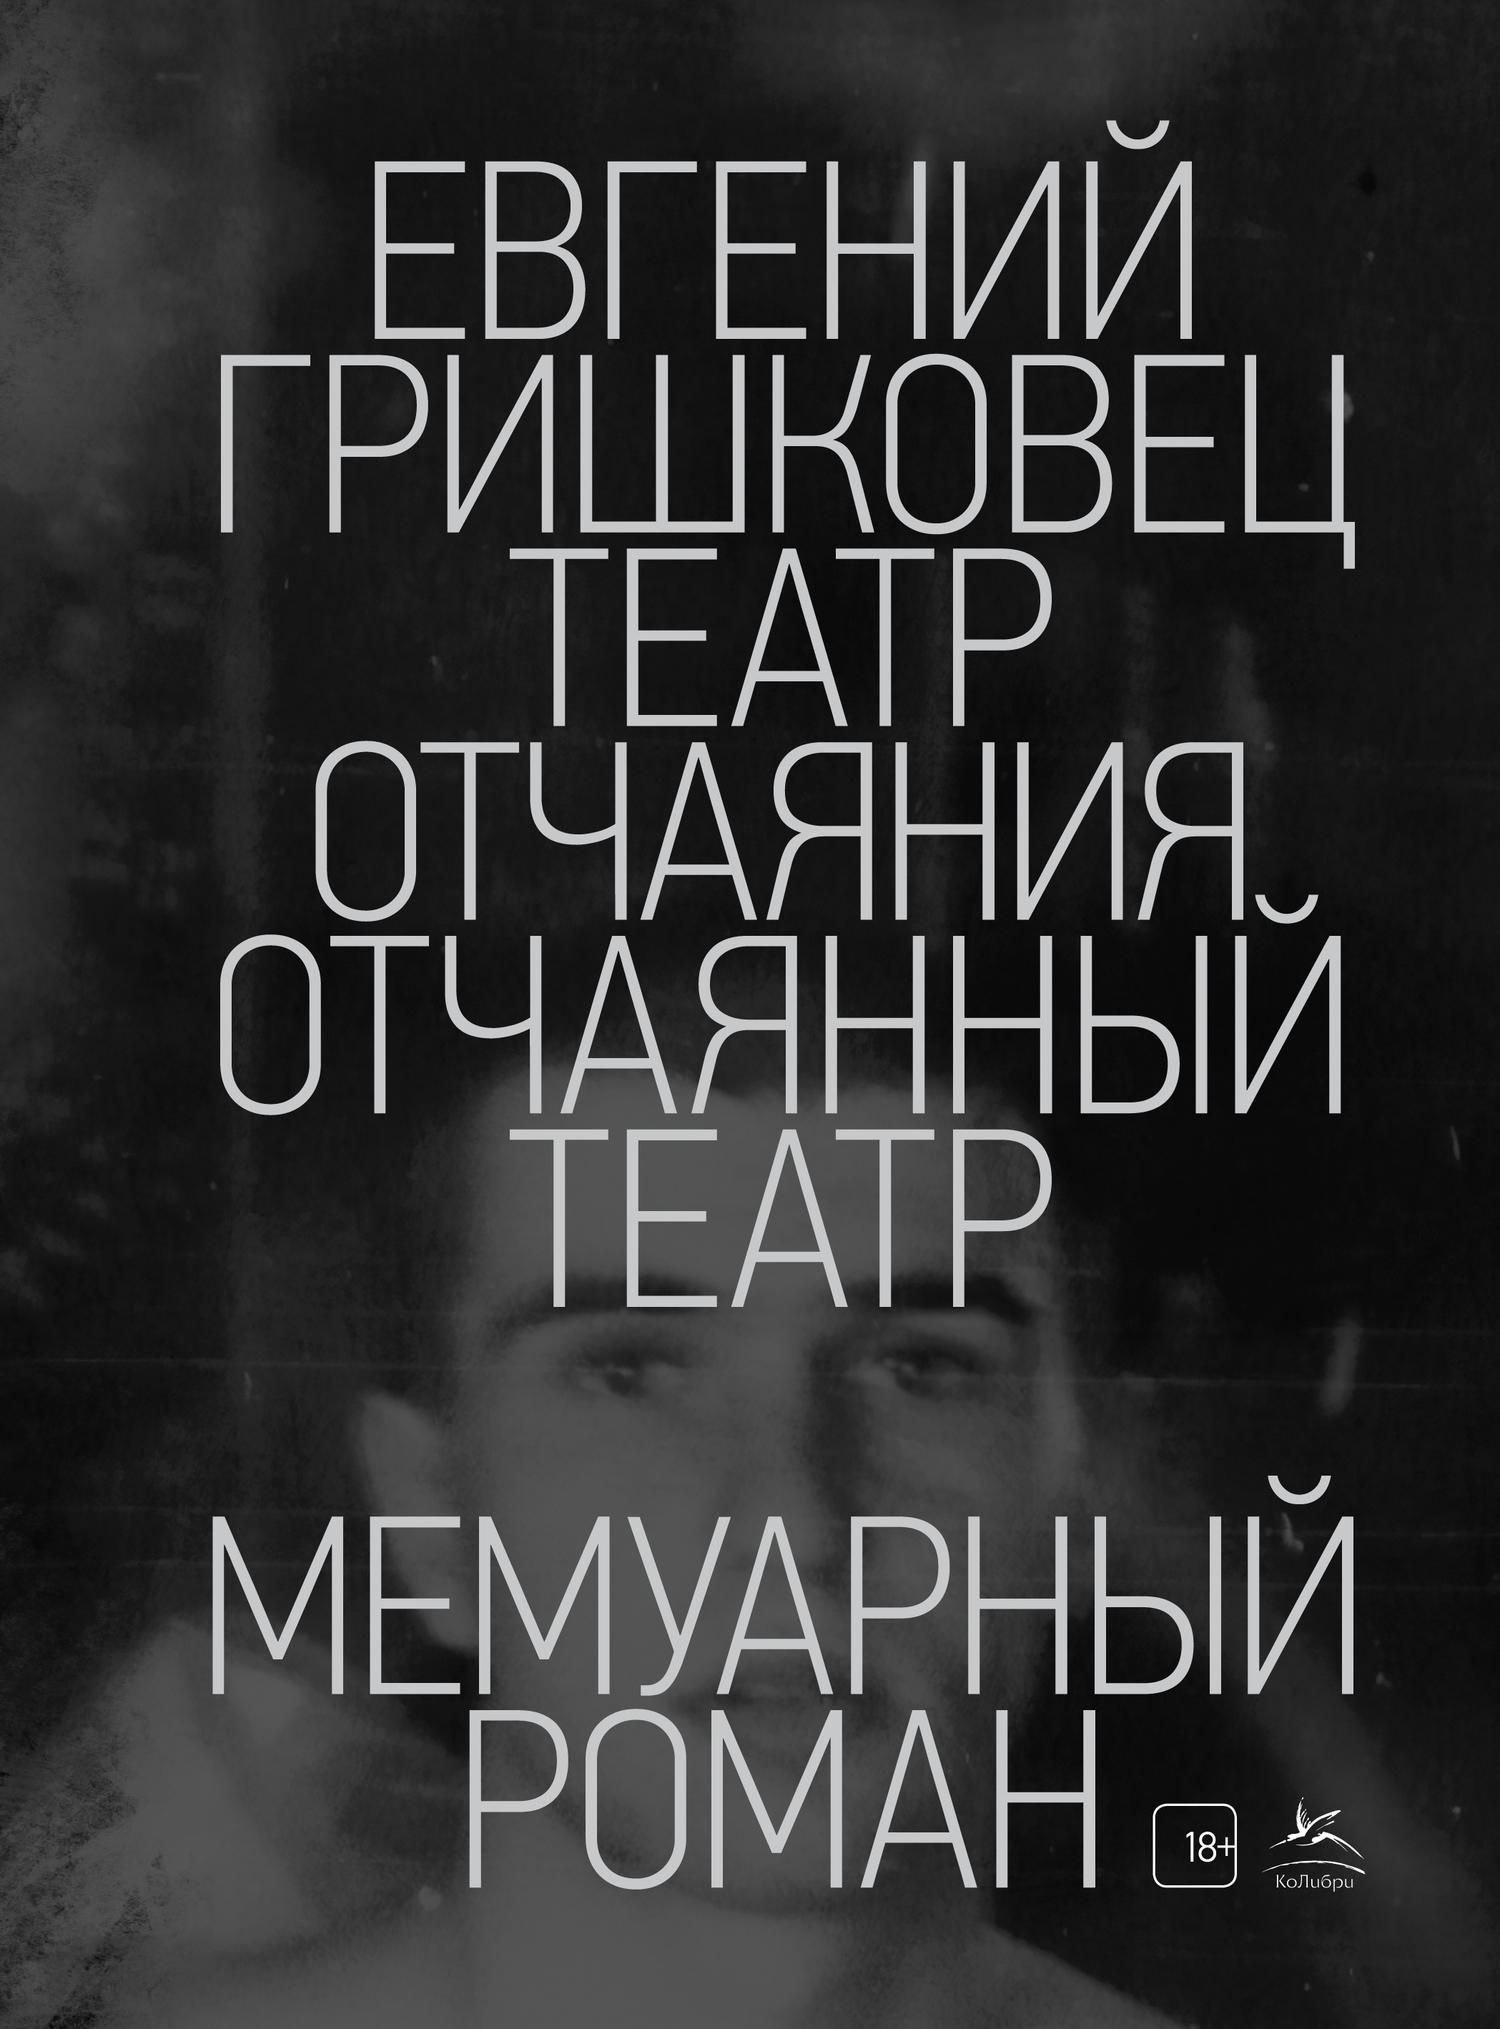 Евгений Гришковец Театр отчаяния. Отчаянный театр евгений гришковец весы и другие пьесы